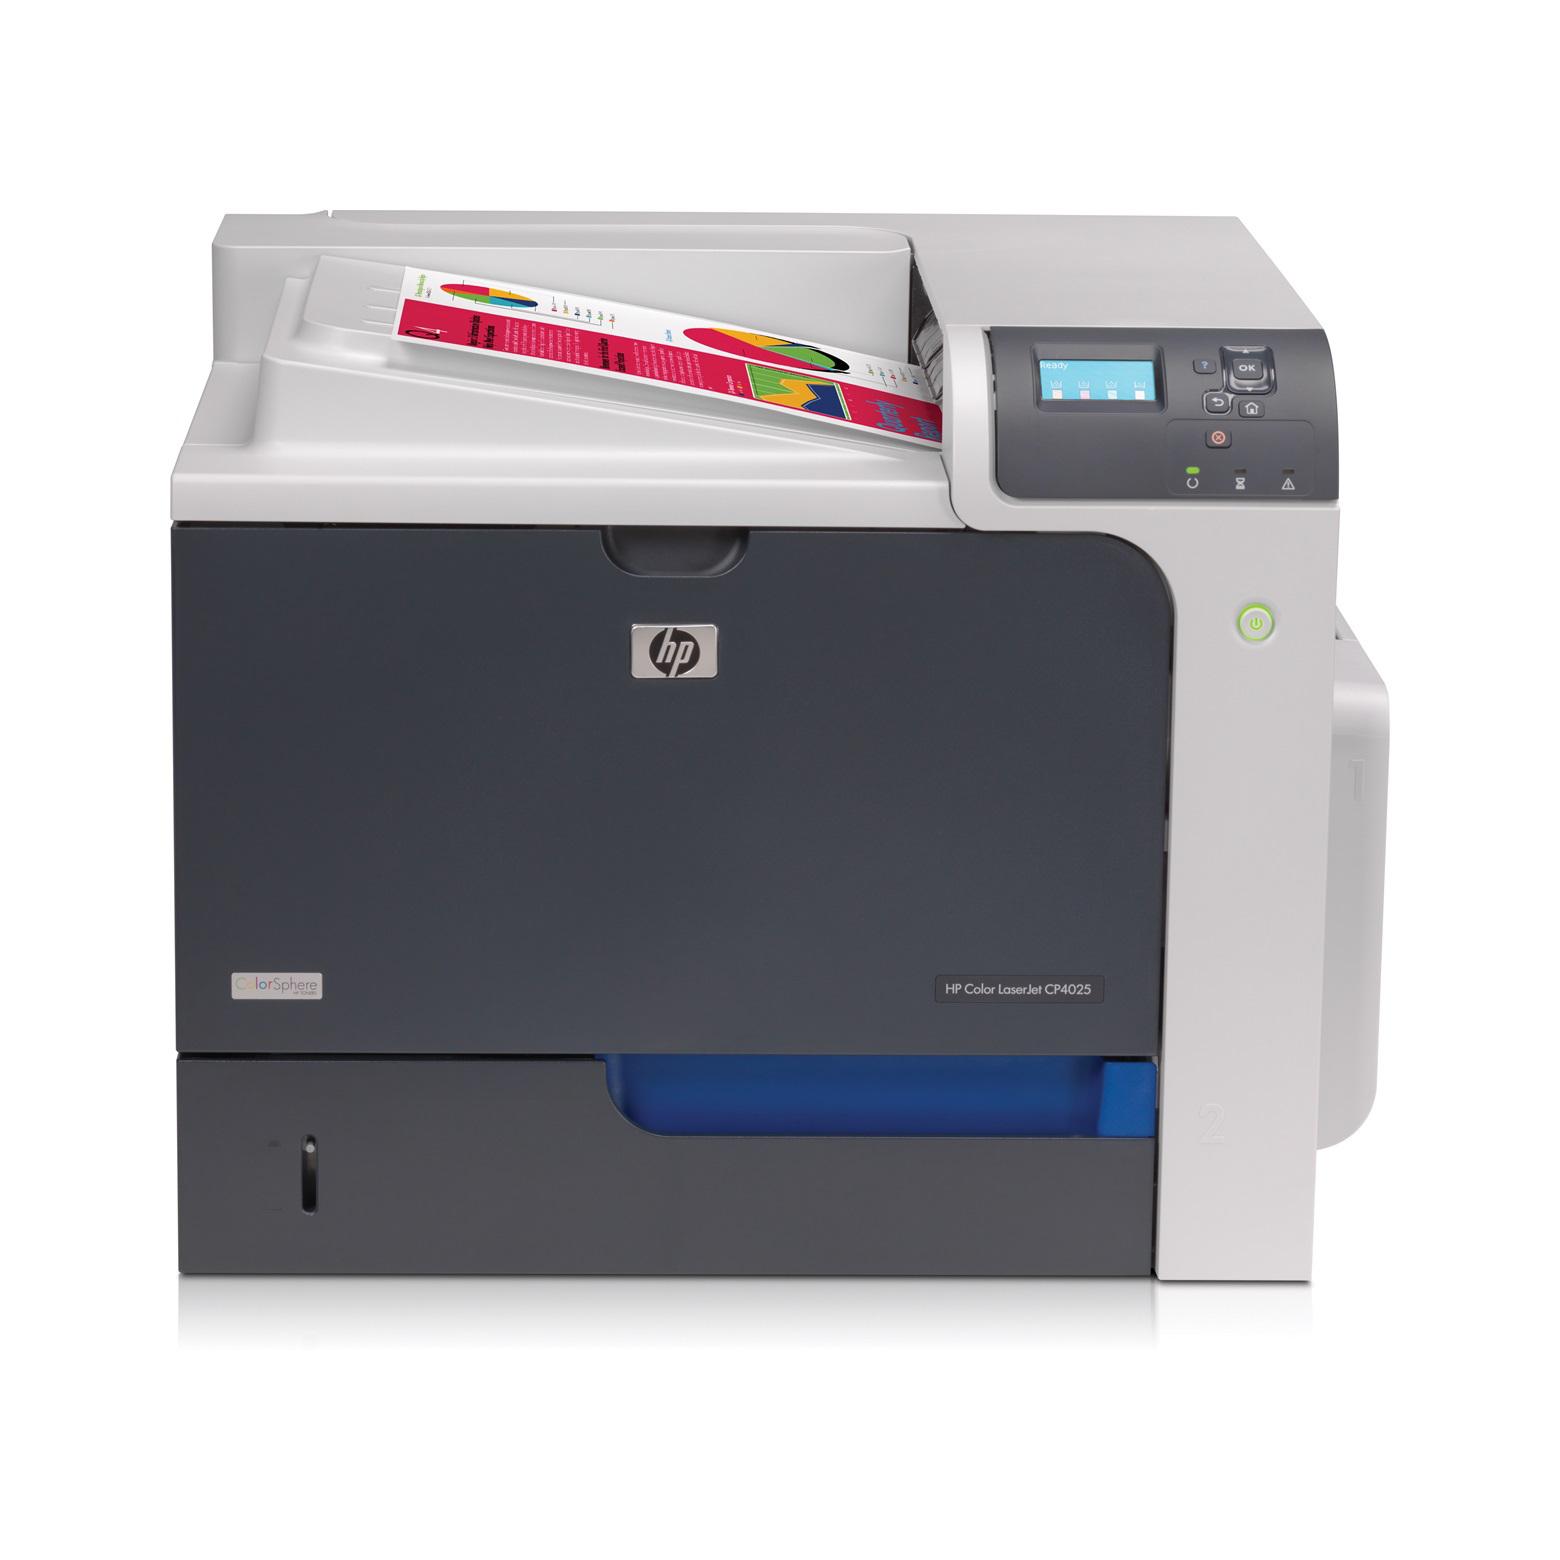 hp color laserjet enterprise cp4025dn imprimante laser. Black Bedroom Furniture Sets. Home Design Ideas